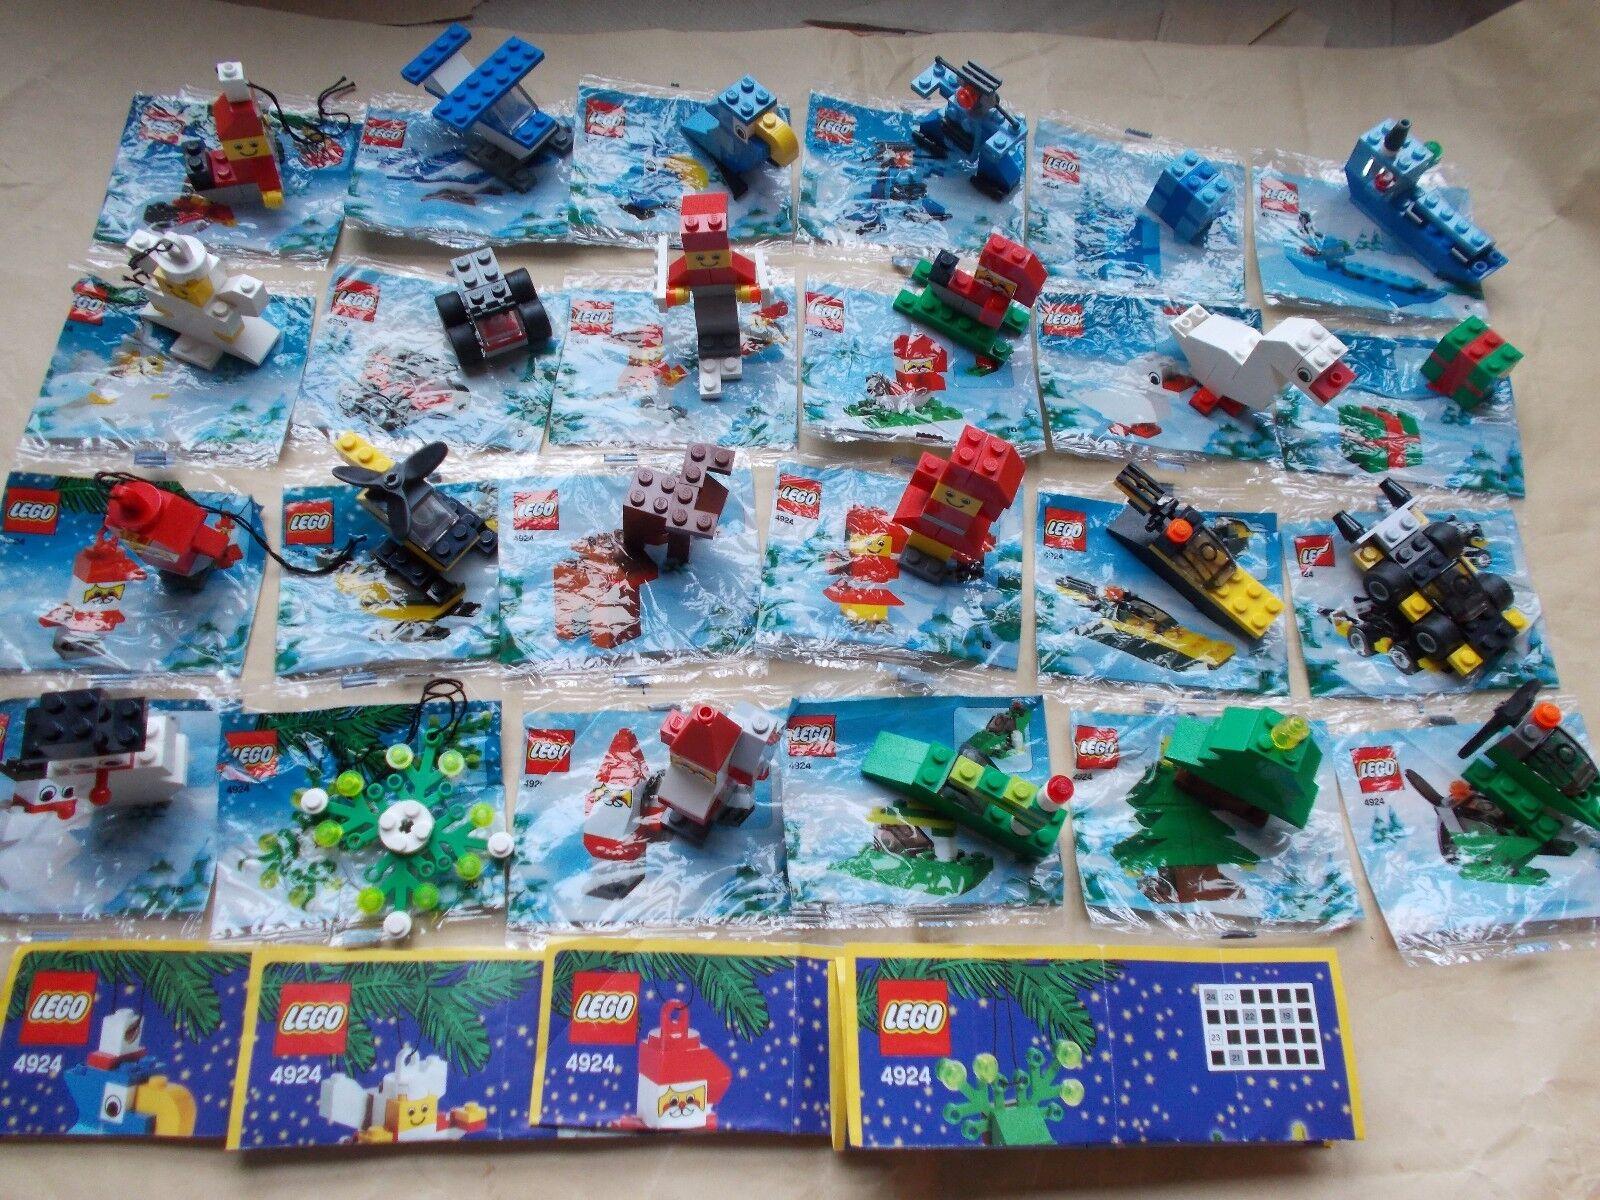 LEGO CALENDARIO AVVENTO Set 4924, costruire 24 modelli, decorazioni albero di 4 o 4 Scene